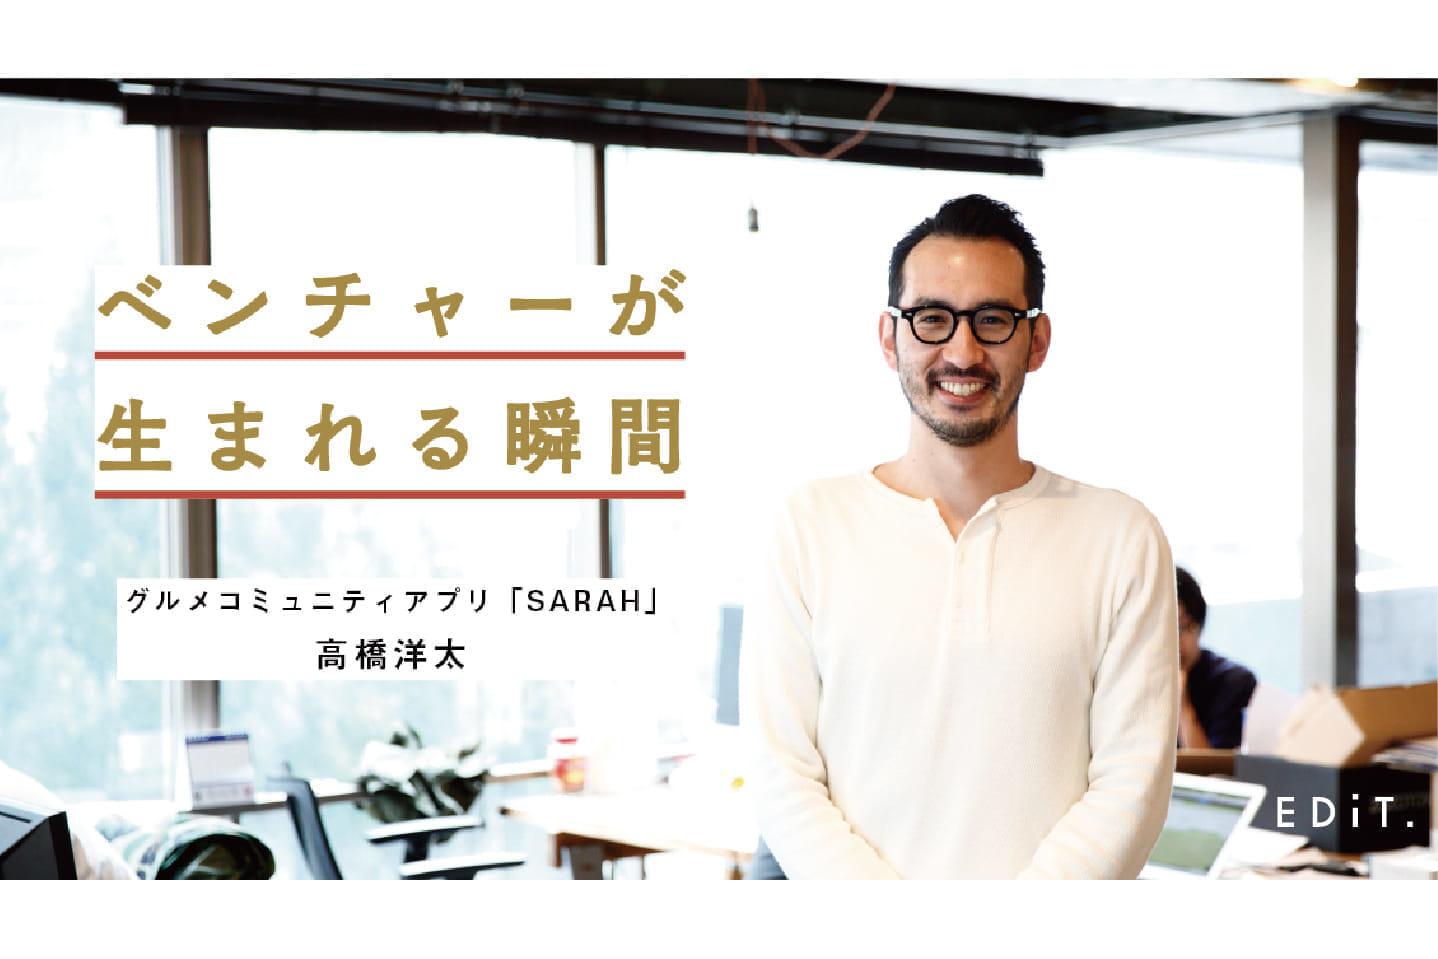 【ベンチャーが生まれる瞬間】一皿グルメコミュニティアプリ高橋洋太さん